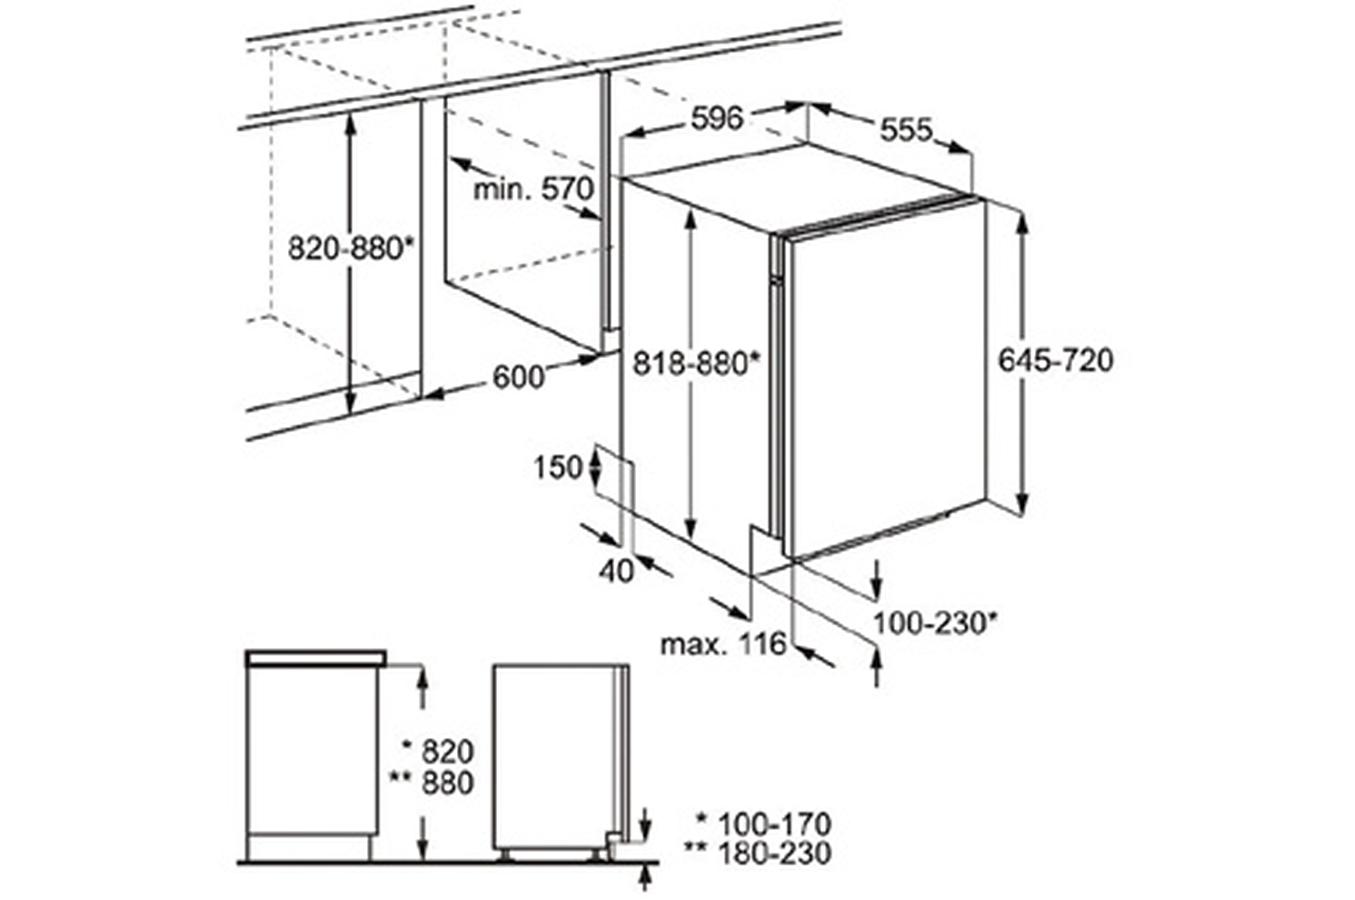 ikea marseille plan de campagne fauteuil salon ikea d. Black Bedroom Furniture Sets. Home Design Ideas